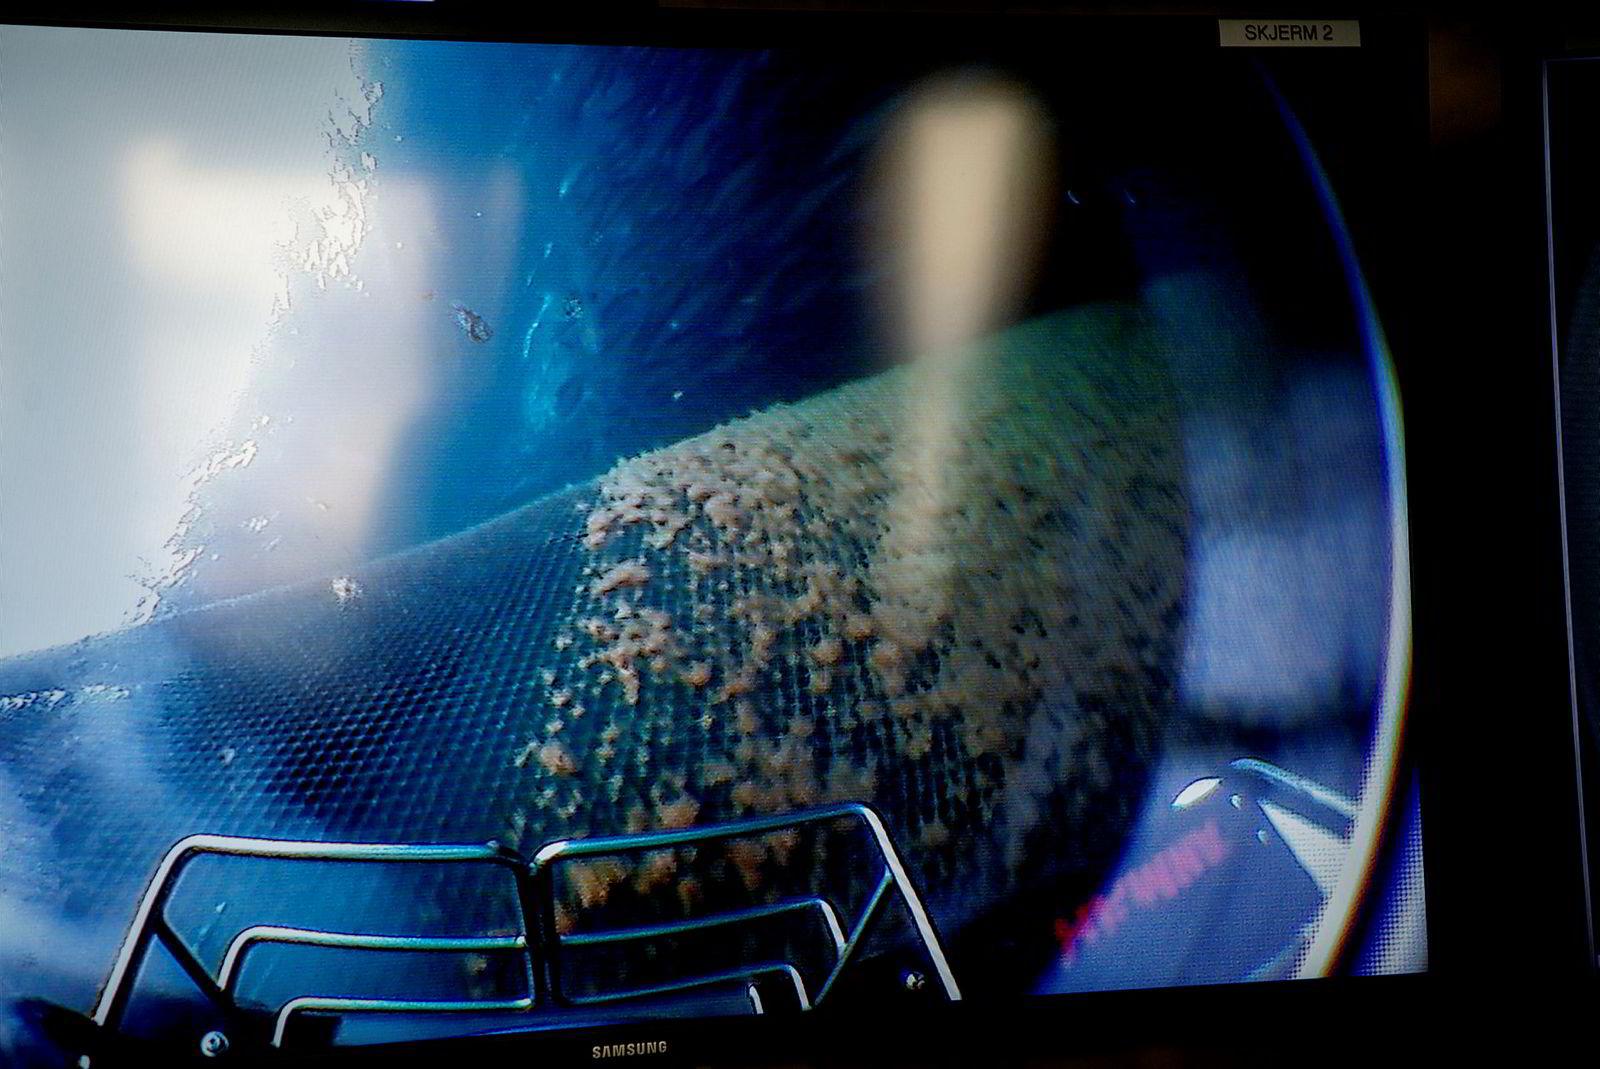 Kamera viser rensingen av nøter.